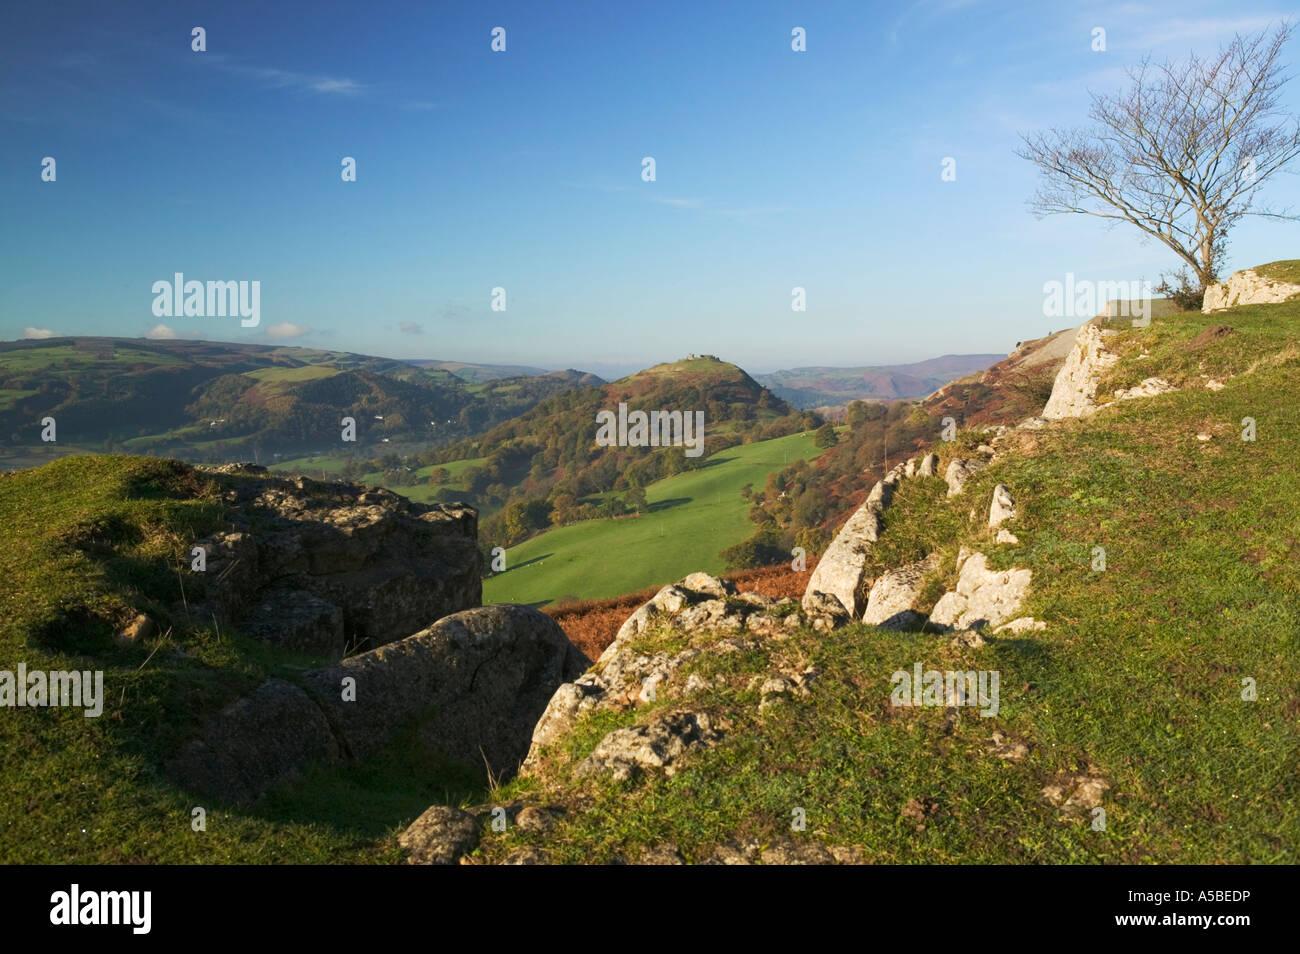 Castell Dinas Bran Trevor Rocks Vale of Llangollen Llangollen Denbighshire Wales - Stock Image